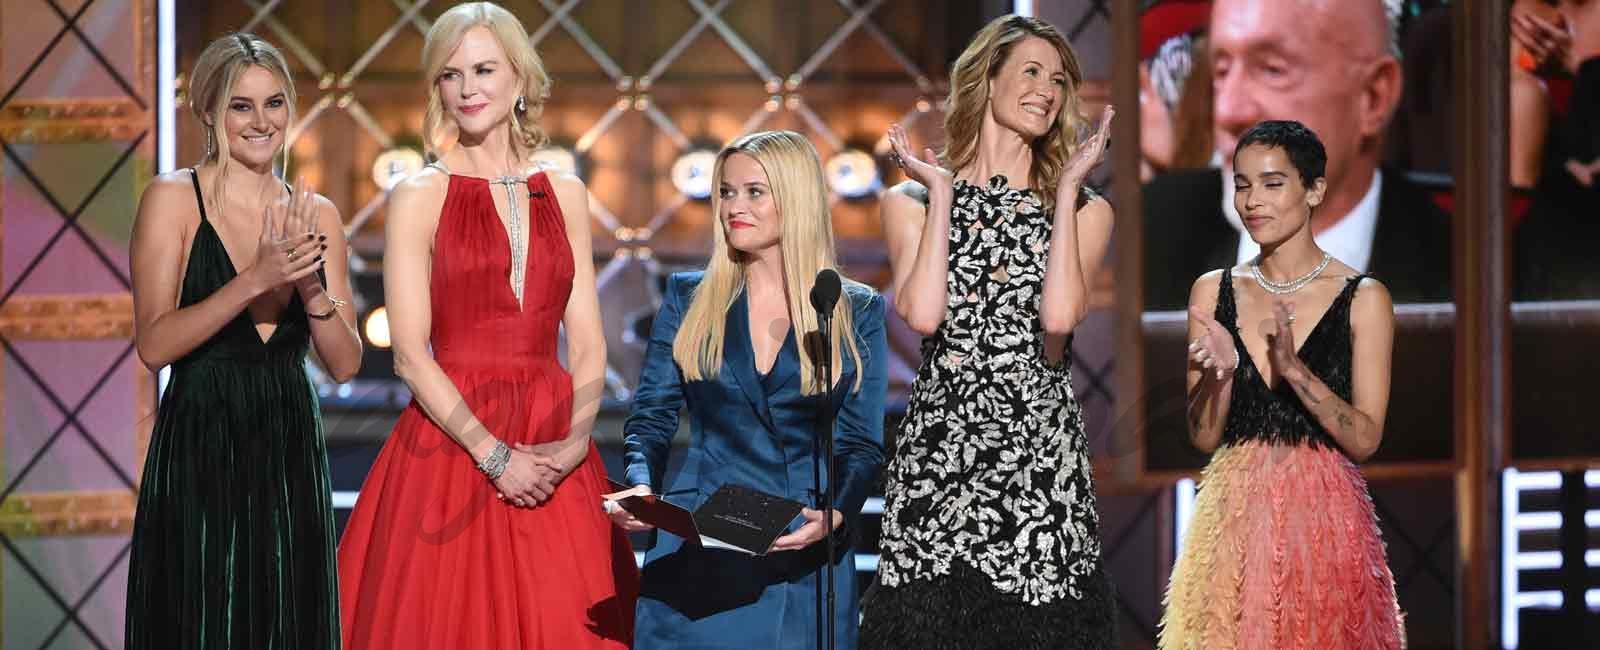 Premios Emmy 2017: Lista completa de los ganadores